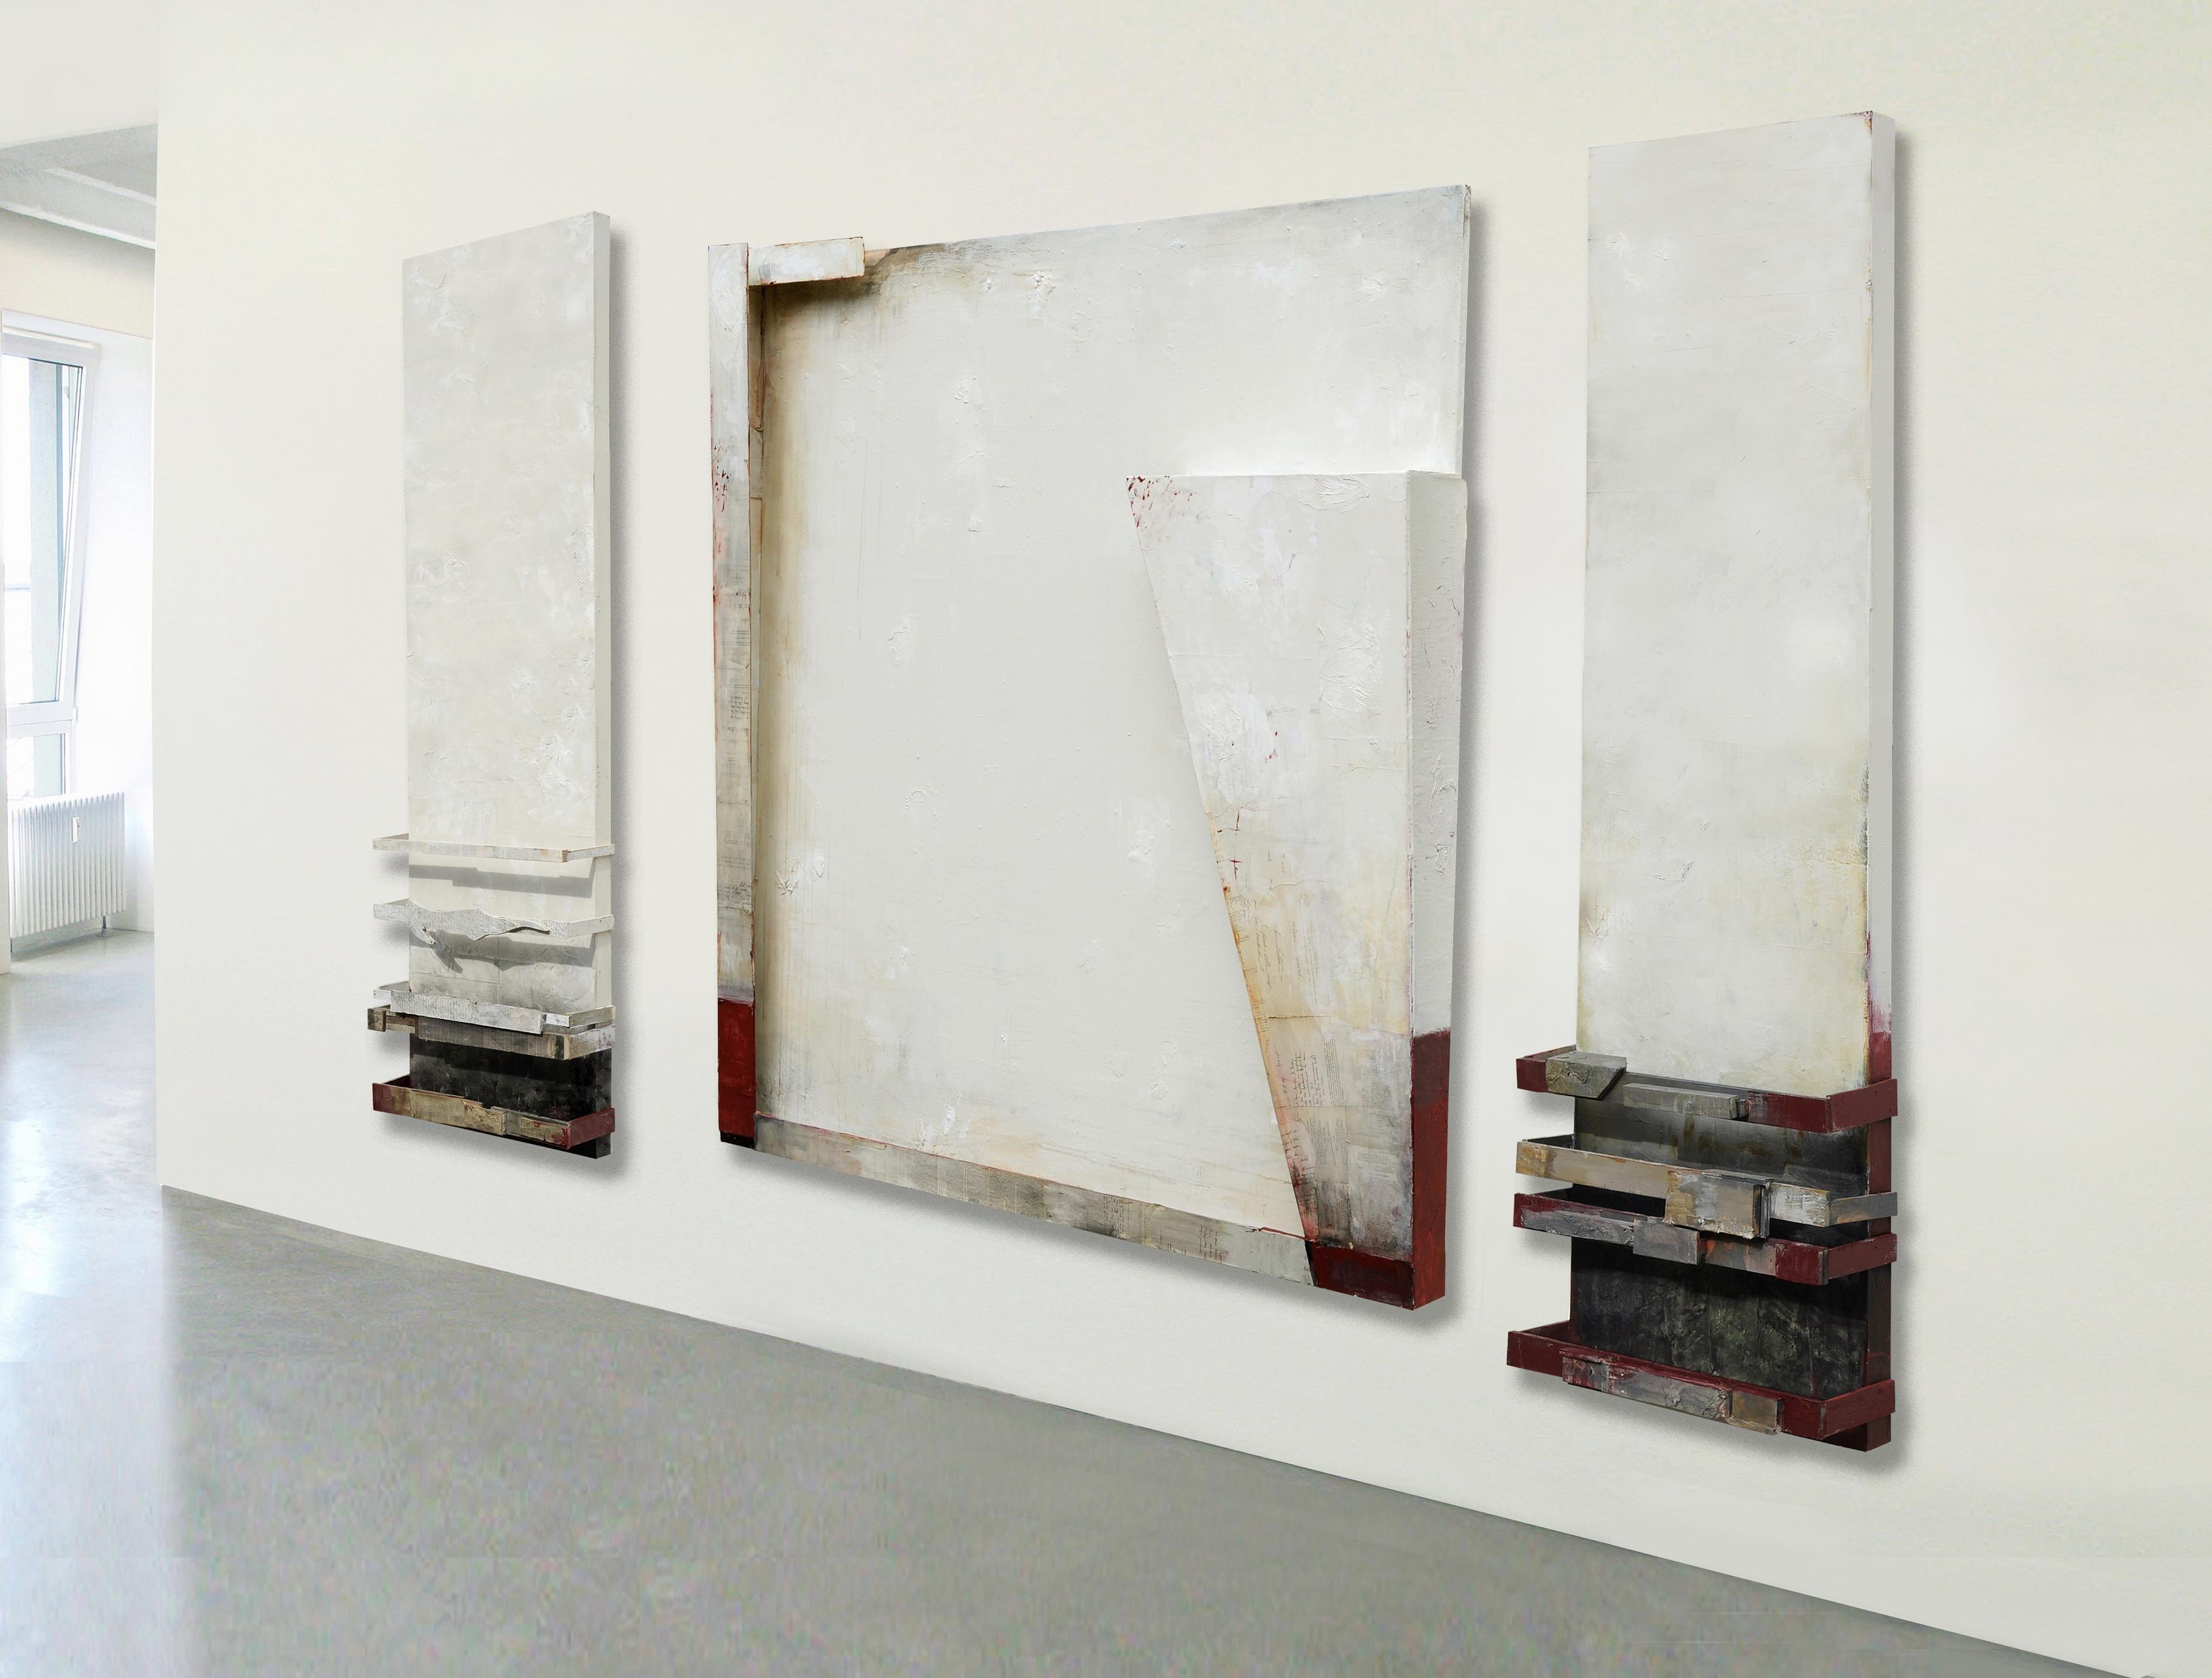 L 88 (triptych)